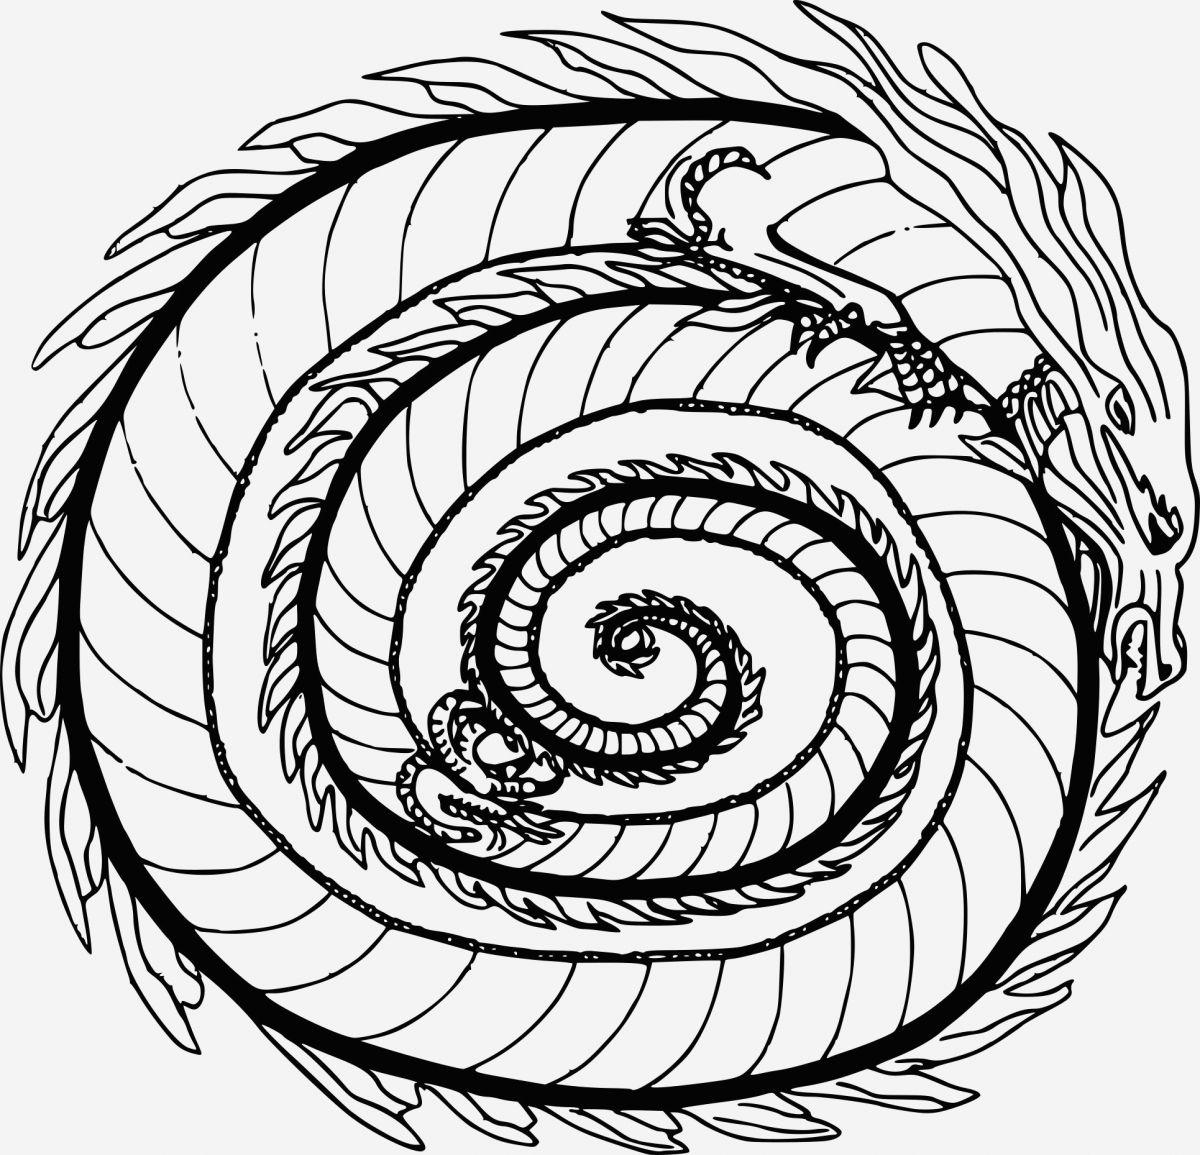 Coloriage Difficile Dragon - Coloriages Gratuits encequiconcerne Coloriage De Mandala Difficile A Imprimer